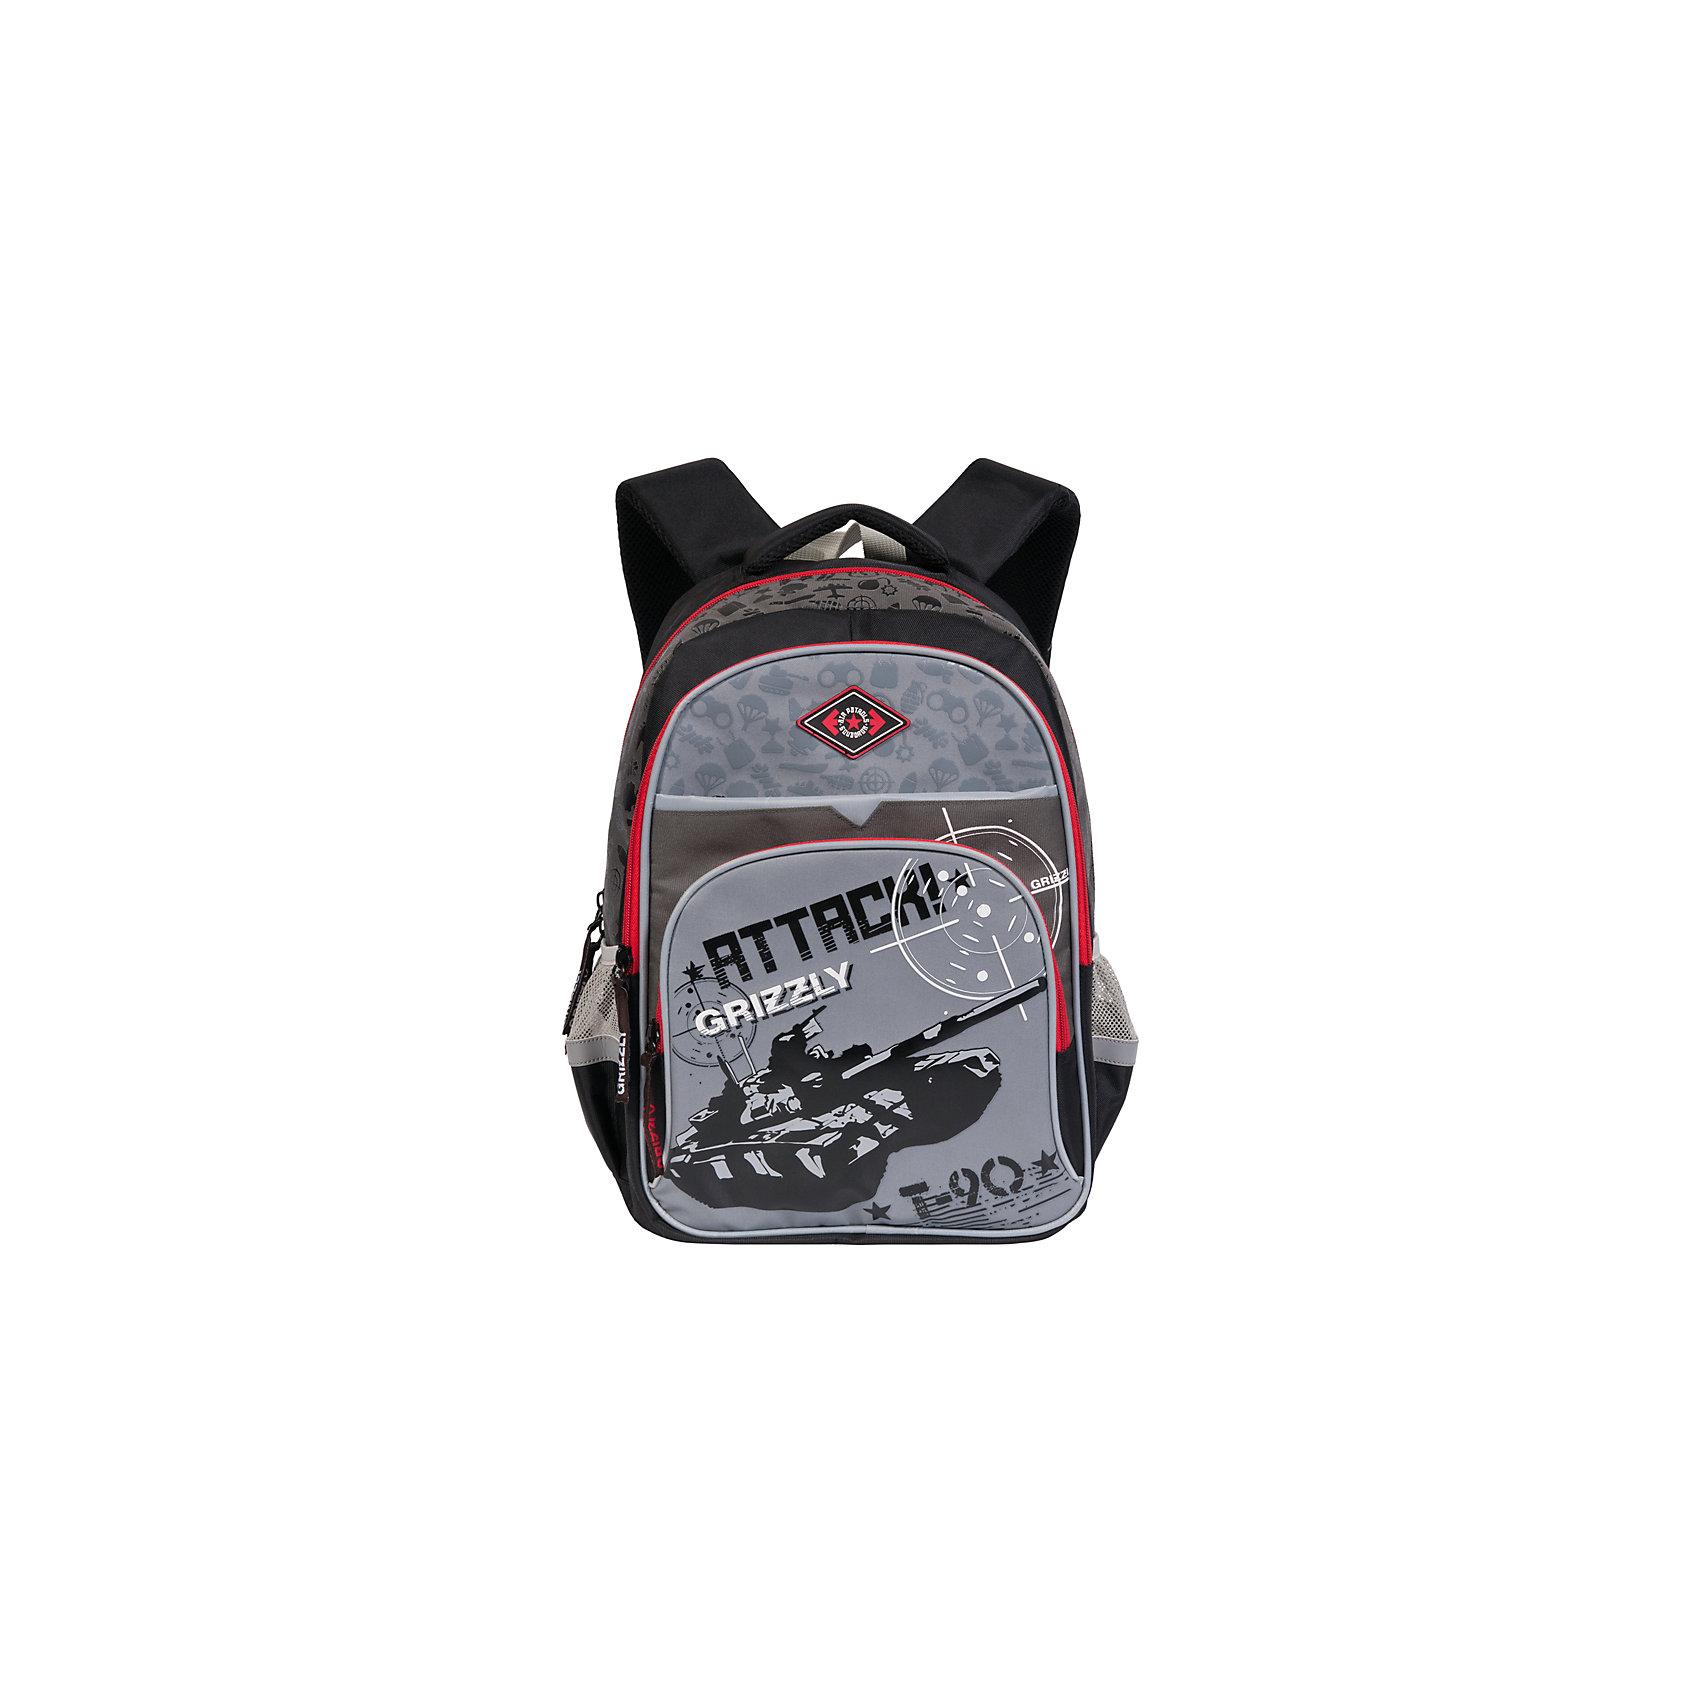 Школьный рюкзак, черно-серыйШкольный рюкзак, черно-серый, Grizzly (Гризли) ? рюкзак отечественного бренда Гризли школьной серии.  Рюкзак  выполнен из нейлона высокого качества, что обеспечивает, с одной стороны, легкий вес, а с другой ? надежность и прочность. Все швы выполнены капроновыми нитками, что делает швы особенно крепкими и устойчивыми к износу даже в течение нескольких лет. <br>Внутреннее устройство рюкзака состоит из двух вместительных отсеков, внутреннего составного пенала-органайзера и подвесного кармана на молнии. Также имеется откидное дно, что увеличивает устойчивость рюкзака. На передней стенке имеются 2 кармана, застегивающихся на молнию, по бокам – карманы из сетки. Удобство и эргономичность рюкзака создается за счет жесткой анатомической спинки, укрепленных лямок и мягкой укрепленной ручки, имеется дополнительная ручка-петля. С четырех сторон рюкзака имеются светоотражающие элементы. Уникальность рюкзаков Grizzly заключается в том, что анатомическая спинка изготовлена из специальной ткани, которая пропускает воздух, тем самым защищает спину от повышенного потоотделения.<br>Все рюкзаки школьной серии Grizzly (Гризли) имеют оригинальный современный дизайн. Школьный рюкзак, черно-серый, Grizzly (Гризли) выполнен в сером цвете с яркими элементами. Передний карман украшен большой яркой аппликацией, изображающей танк.<br>Школьный рюкзак, черно-серый, Grizzly (Гризли) ? это качество материалов, удобство, стиль и долговечность использования. <br><br>Дополнительная информация:<br><br>- Вес: 900 г<br>- Габариты (Д*Г*В): 30*18*40 см<br>- Цвет: черный, оттенки серого<br>- Материал: полиэстер <br>- Сезон: круглый год<br>- Коллекция: школьная <br>- Год коллекции: 2016 <br>- Пол: мужской<br>- Предназначение: для школы<br>- Особенности ухода: можно чистить влажной щеткой или губкой, допускается ручная стирка<br><br>Подробнее:<br><br>• Для школьников в возрасте: от 6 лет и до 10 лет<br>• Страна производитель: Россия<br>• Торговый бренд: Grizzly<br><br>Школьный рю